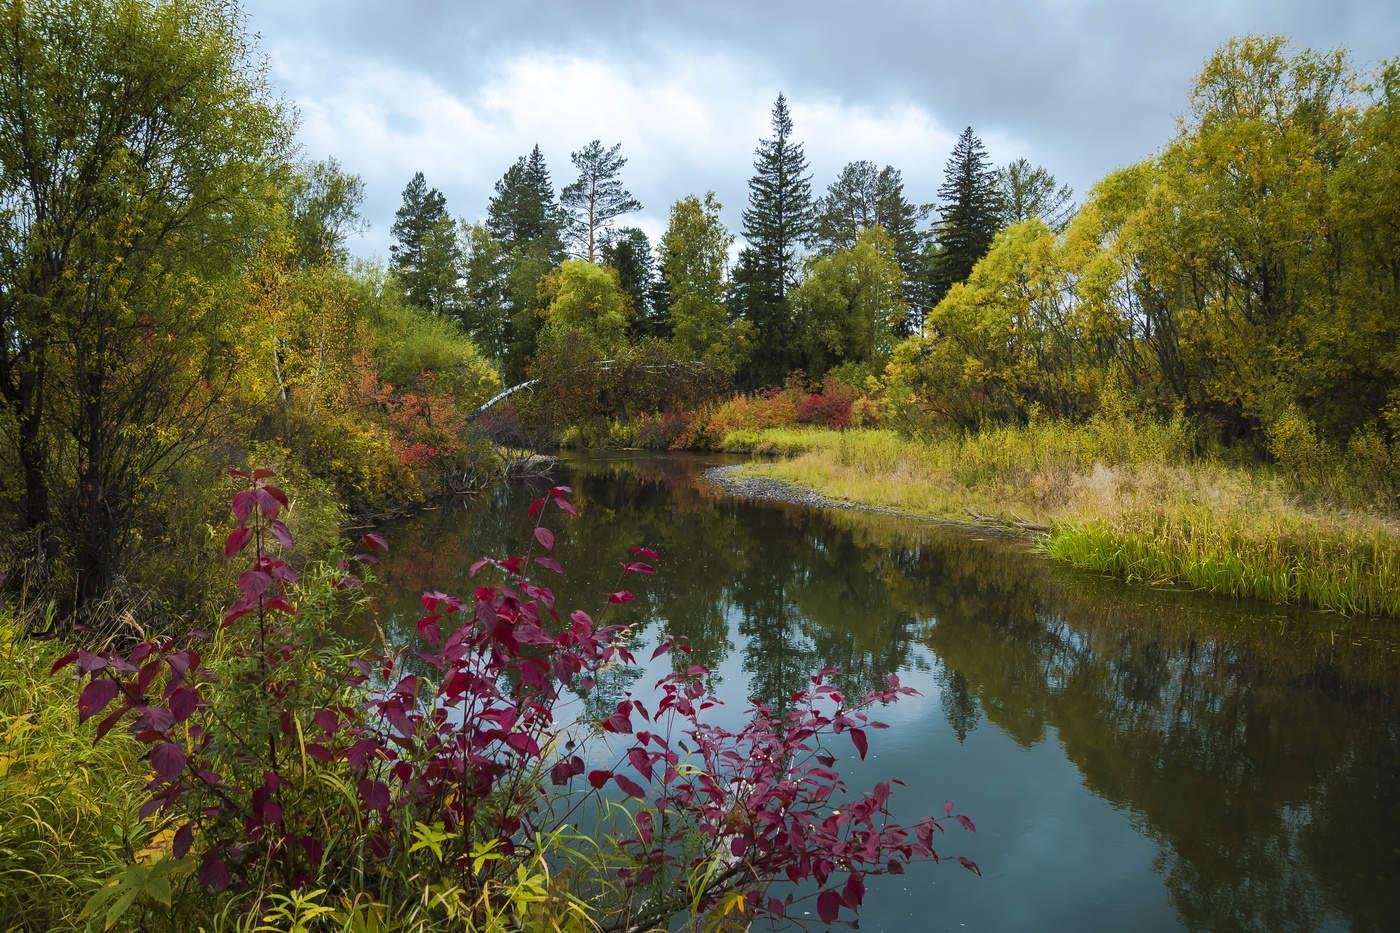 картинки с пейзажами сибири имеющие большие сиськи